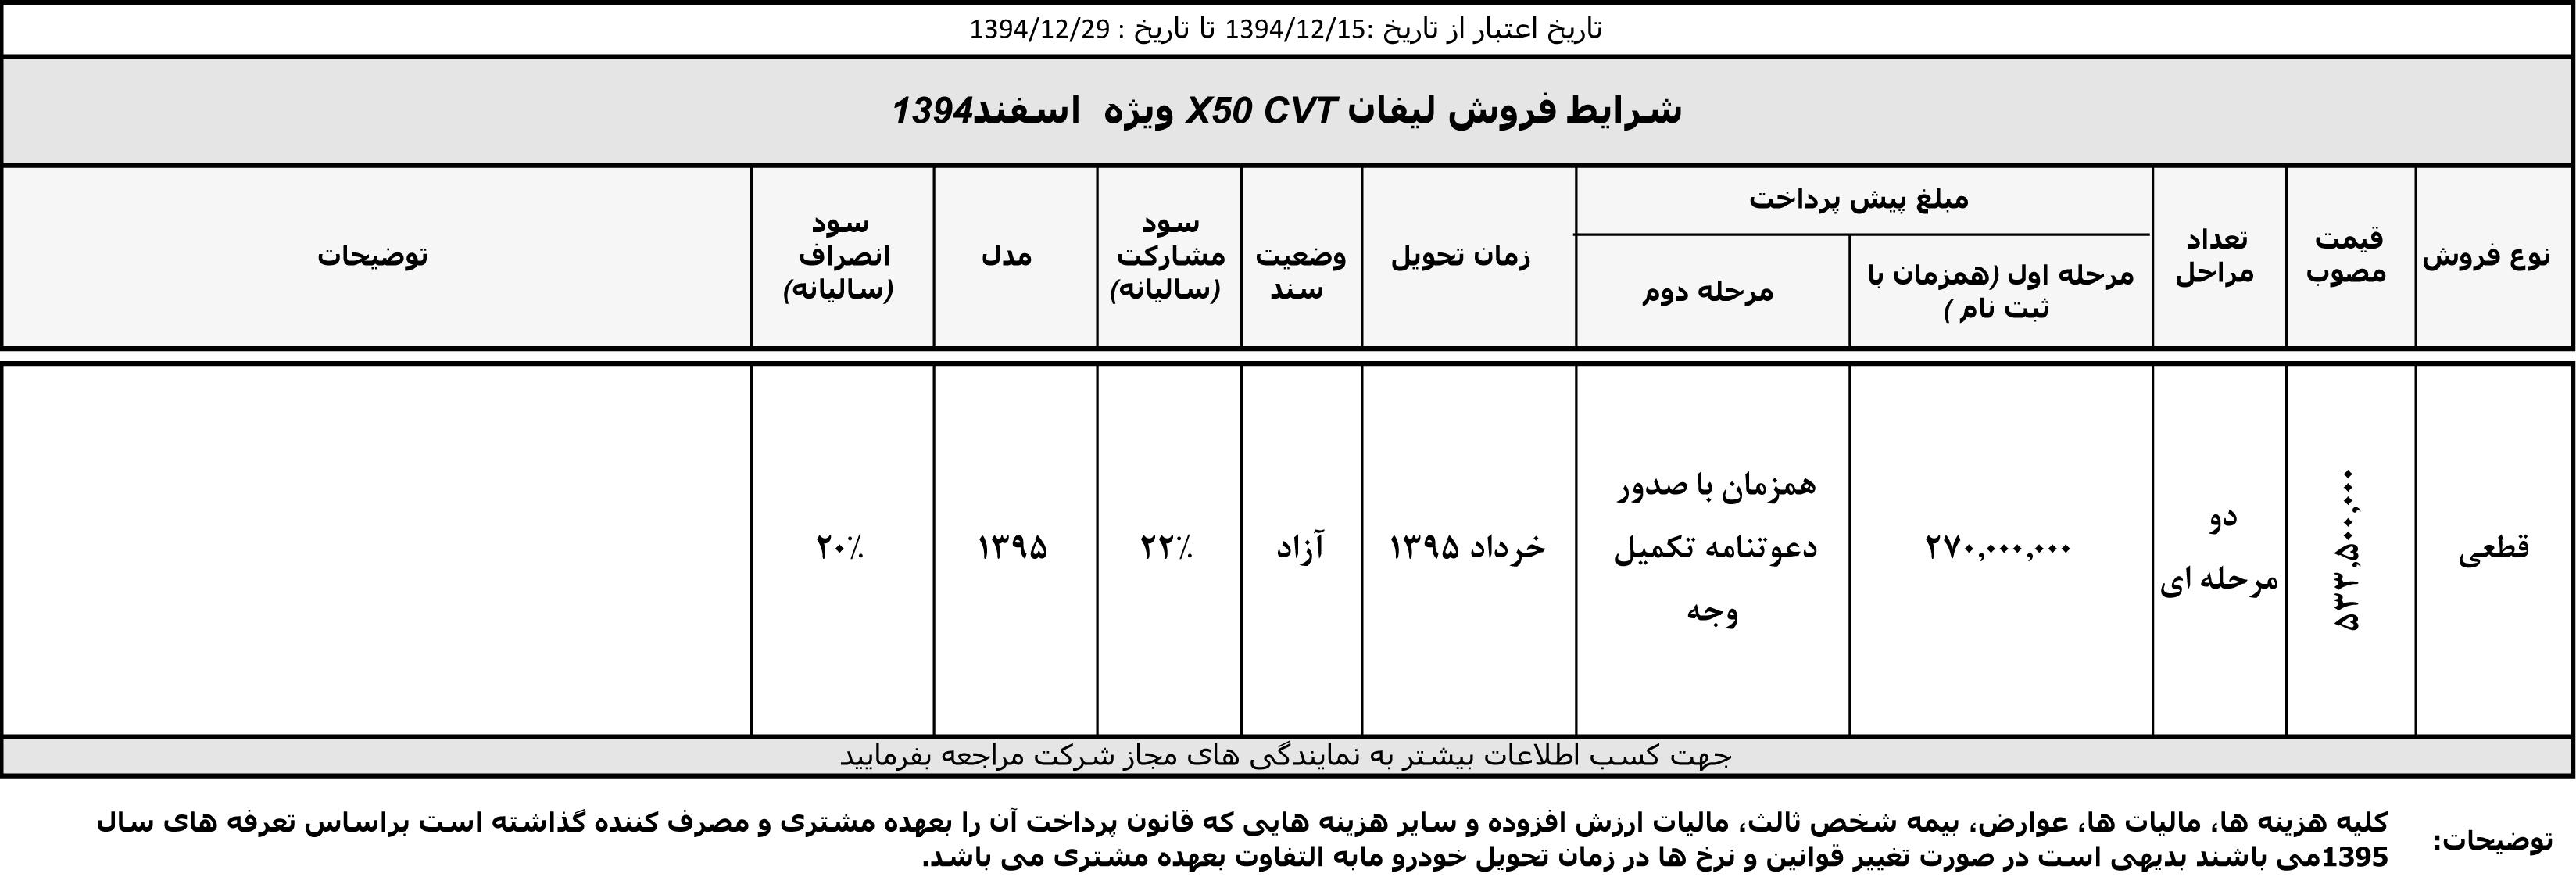 طرح فروش محصولات کرمان موتور - نیمه دوم اسفند